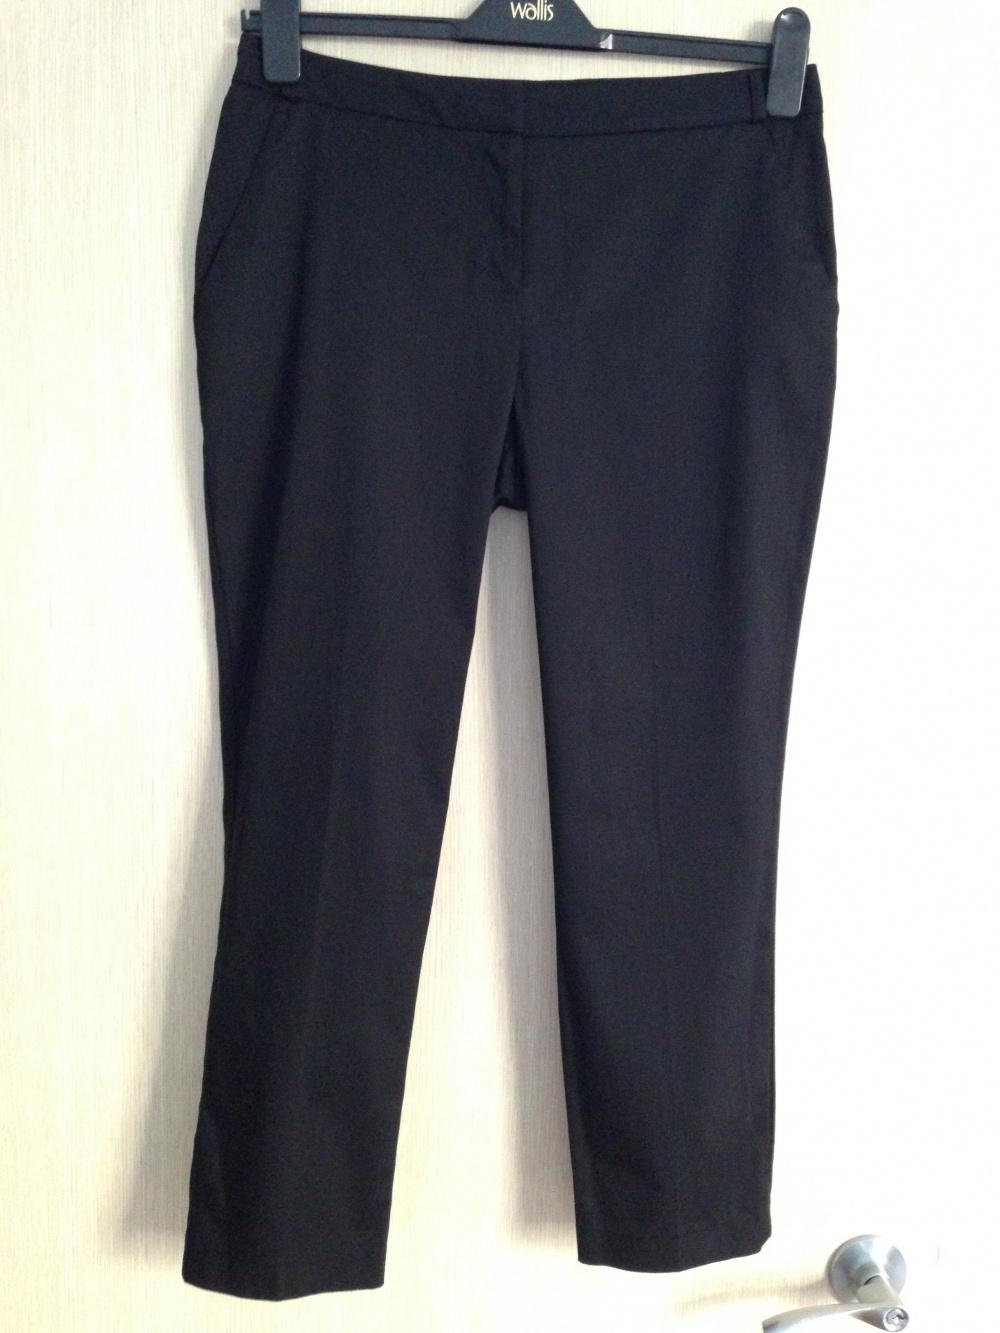 """Укорочённые брюки """"Dorothy Perkins """", 46-48 размер, Великобритания."""